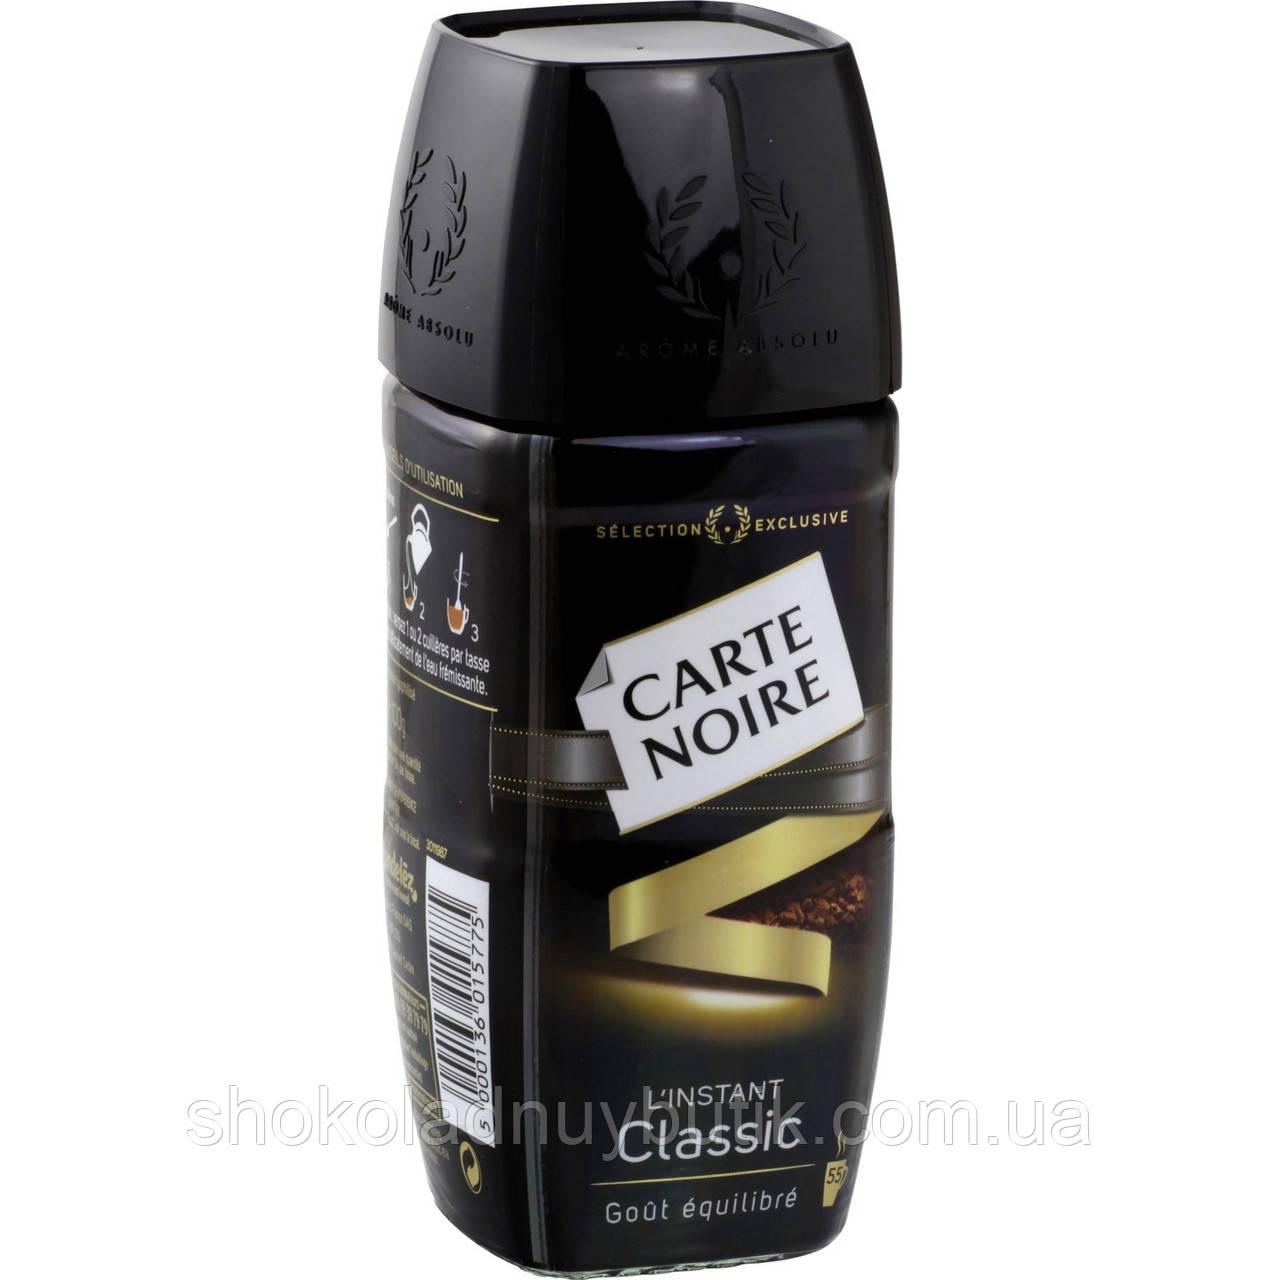 Кофе растворимый Carte Noire, 100